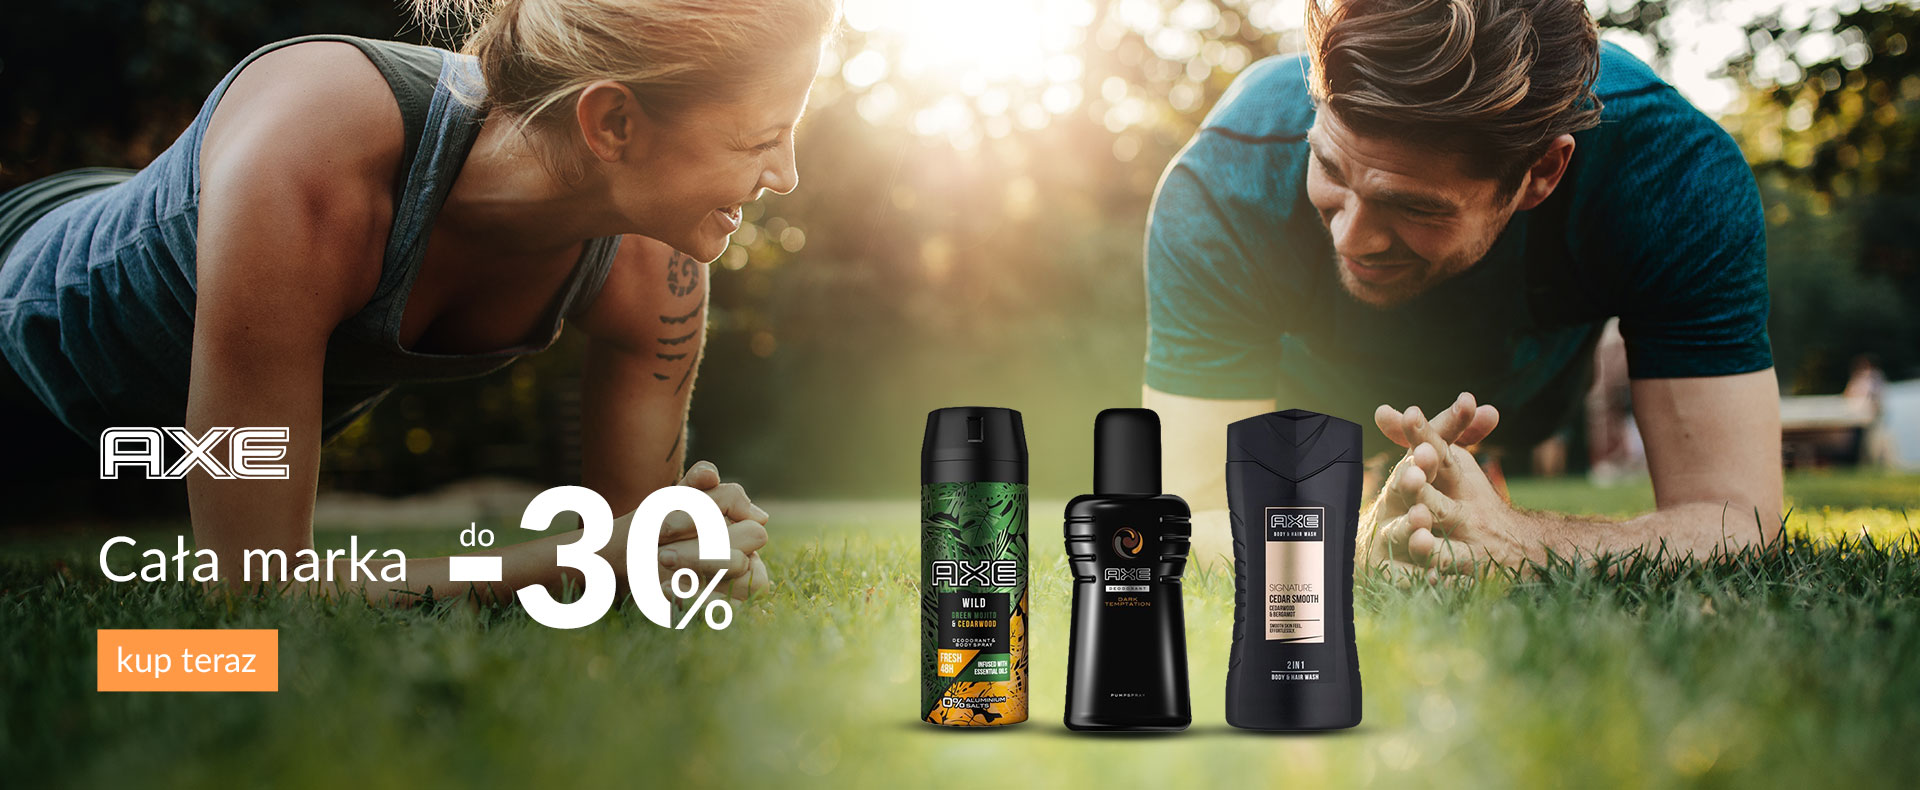 Ezebra Ezebra: do 30% zniżki na kosmetyki marki Axe